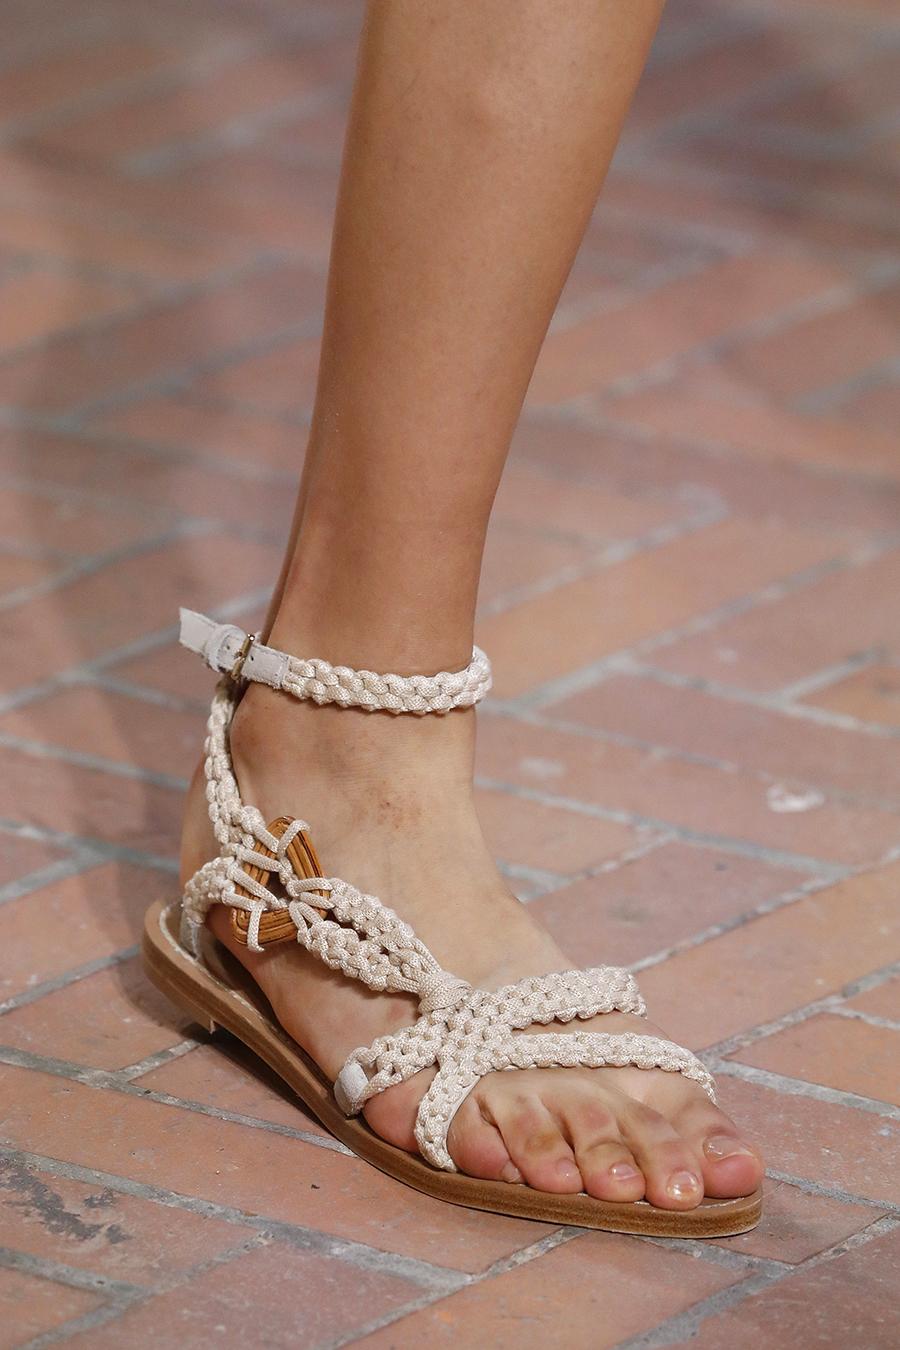 модные босоножки лето2021 тренд плетеные веревочные белые на плоской подошве низком ходу